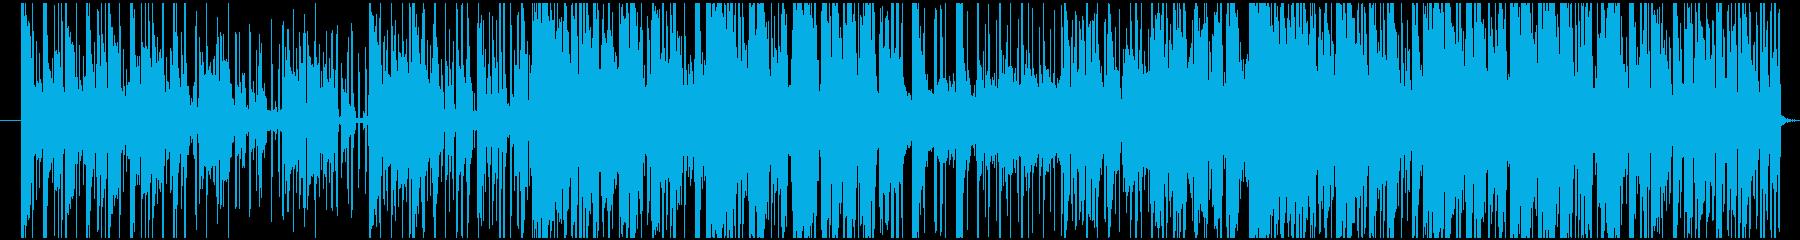 ポップスで悲しい曲の再生済みの波形